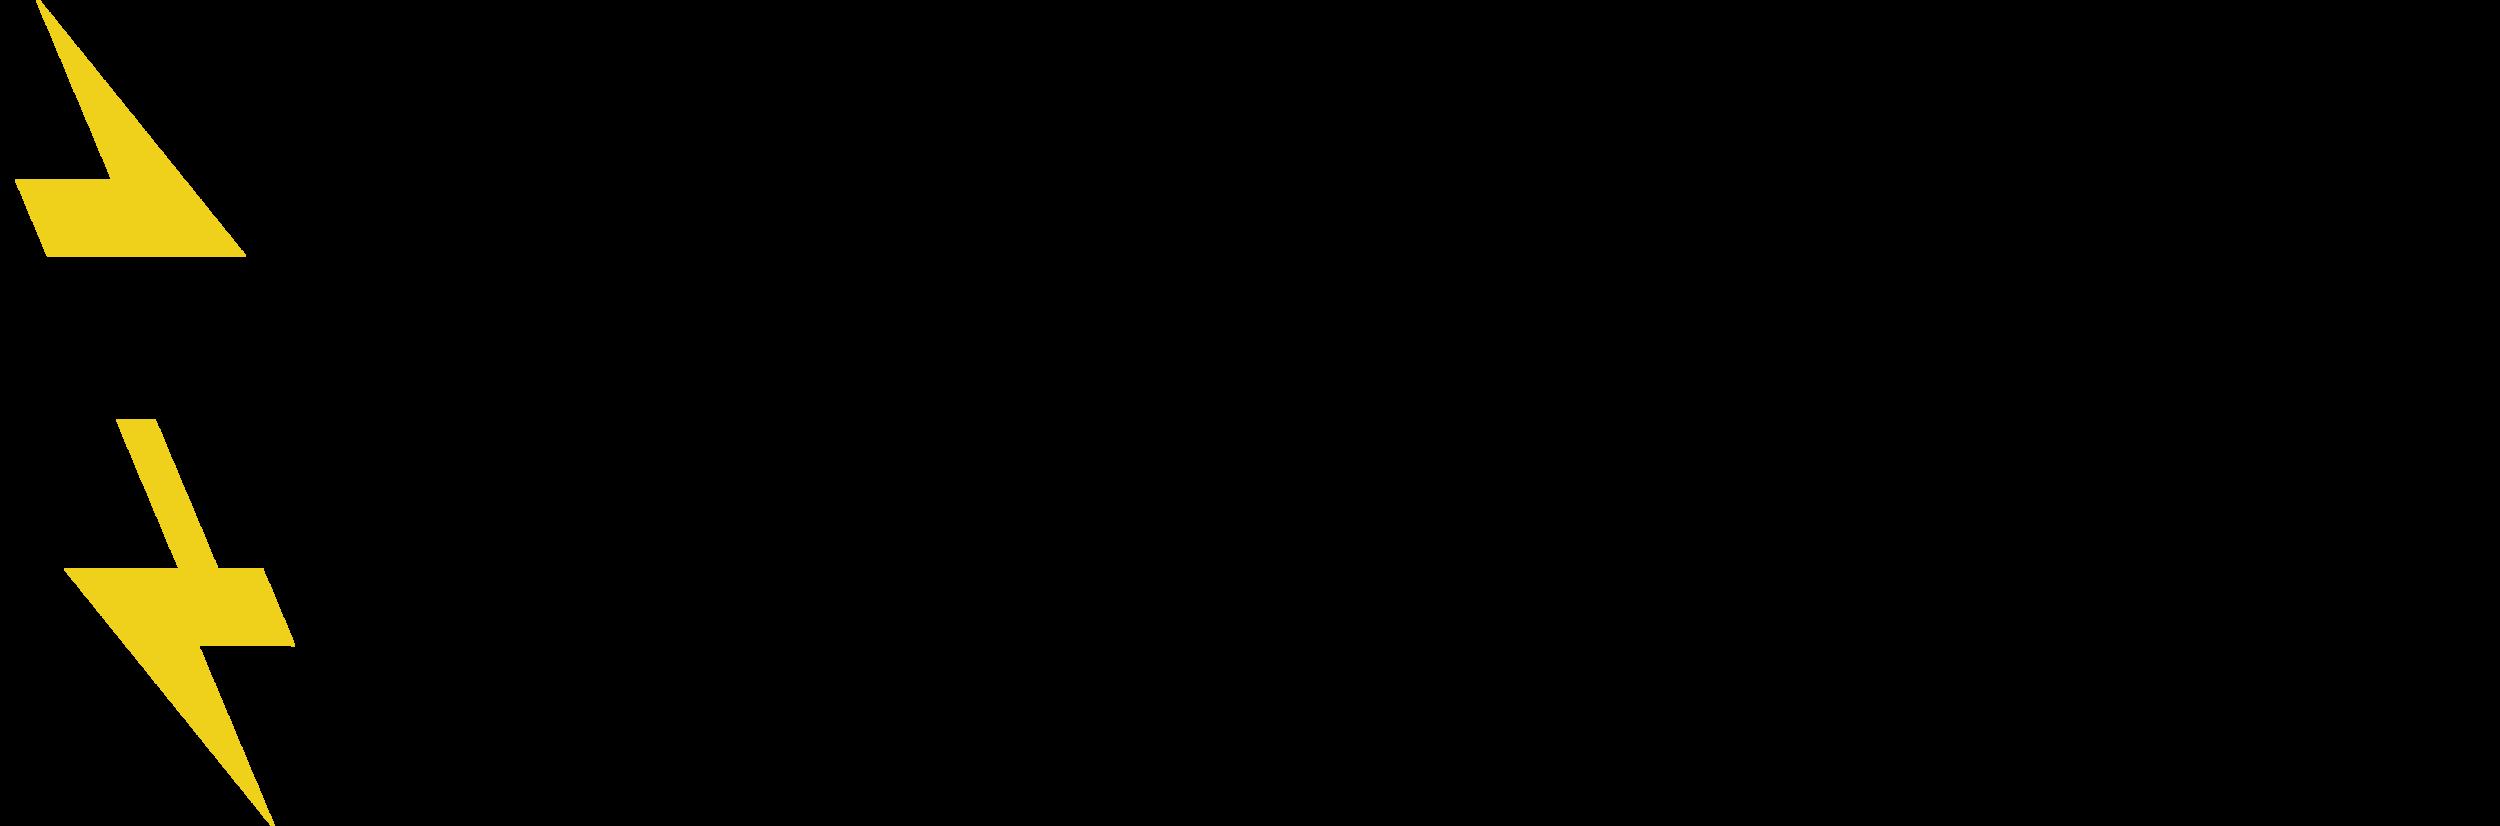 pantheon-logo.png